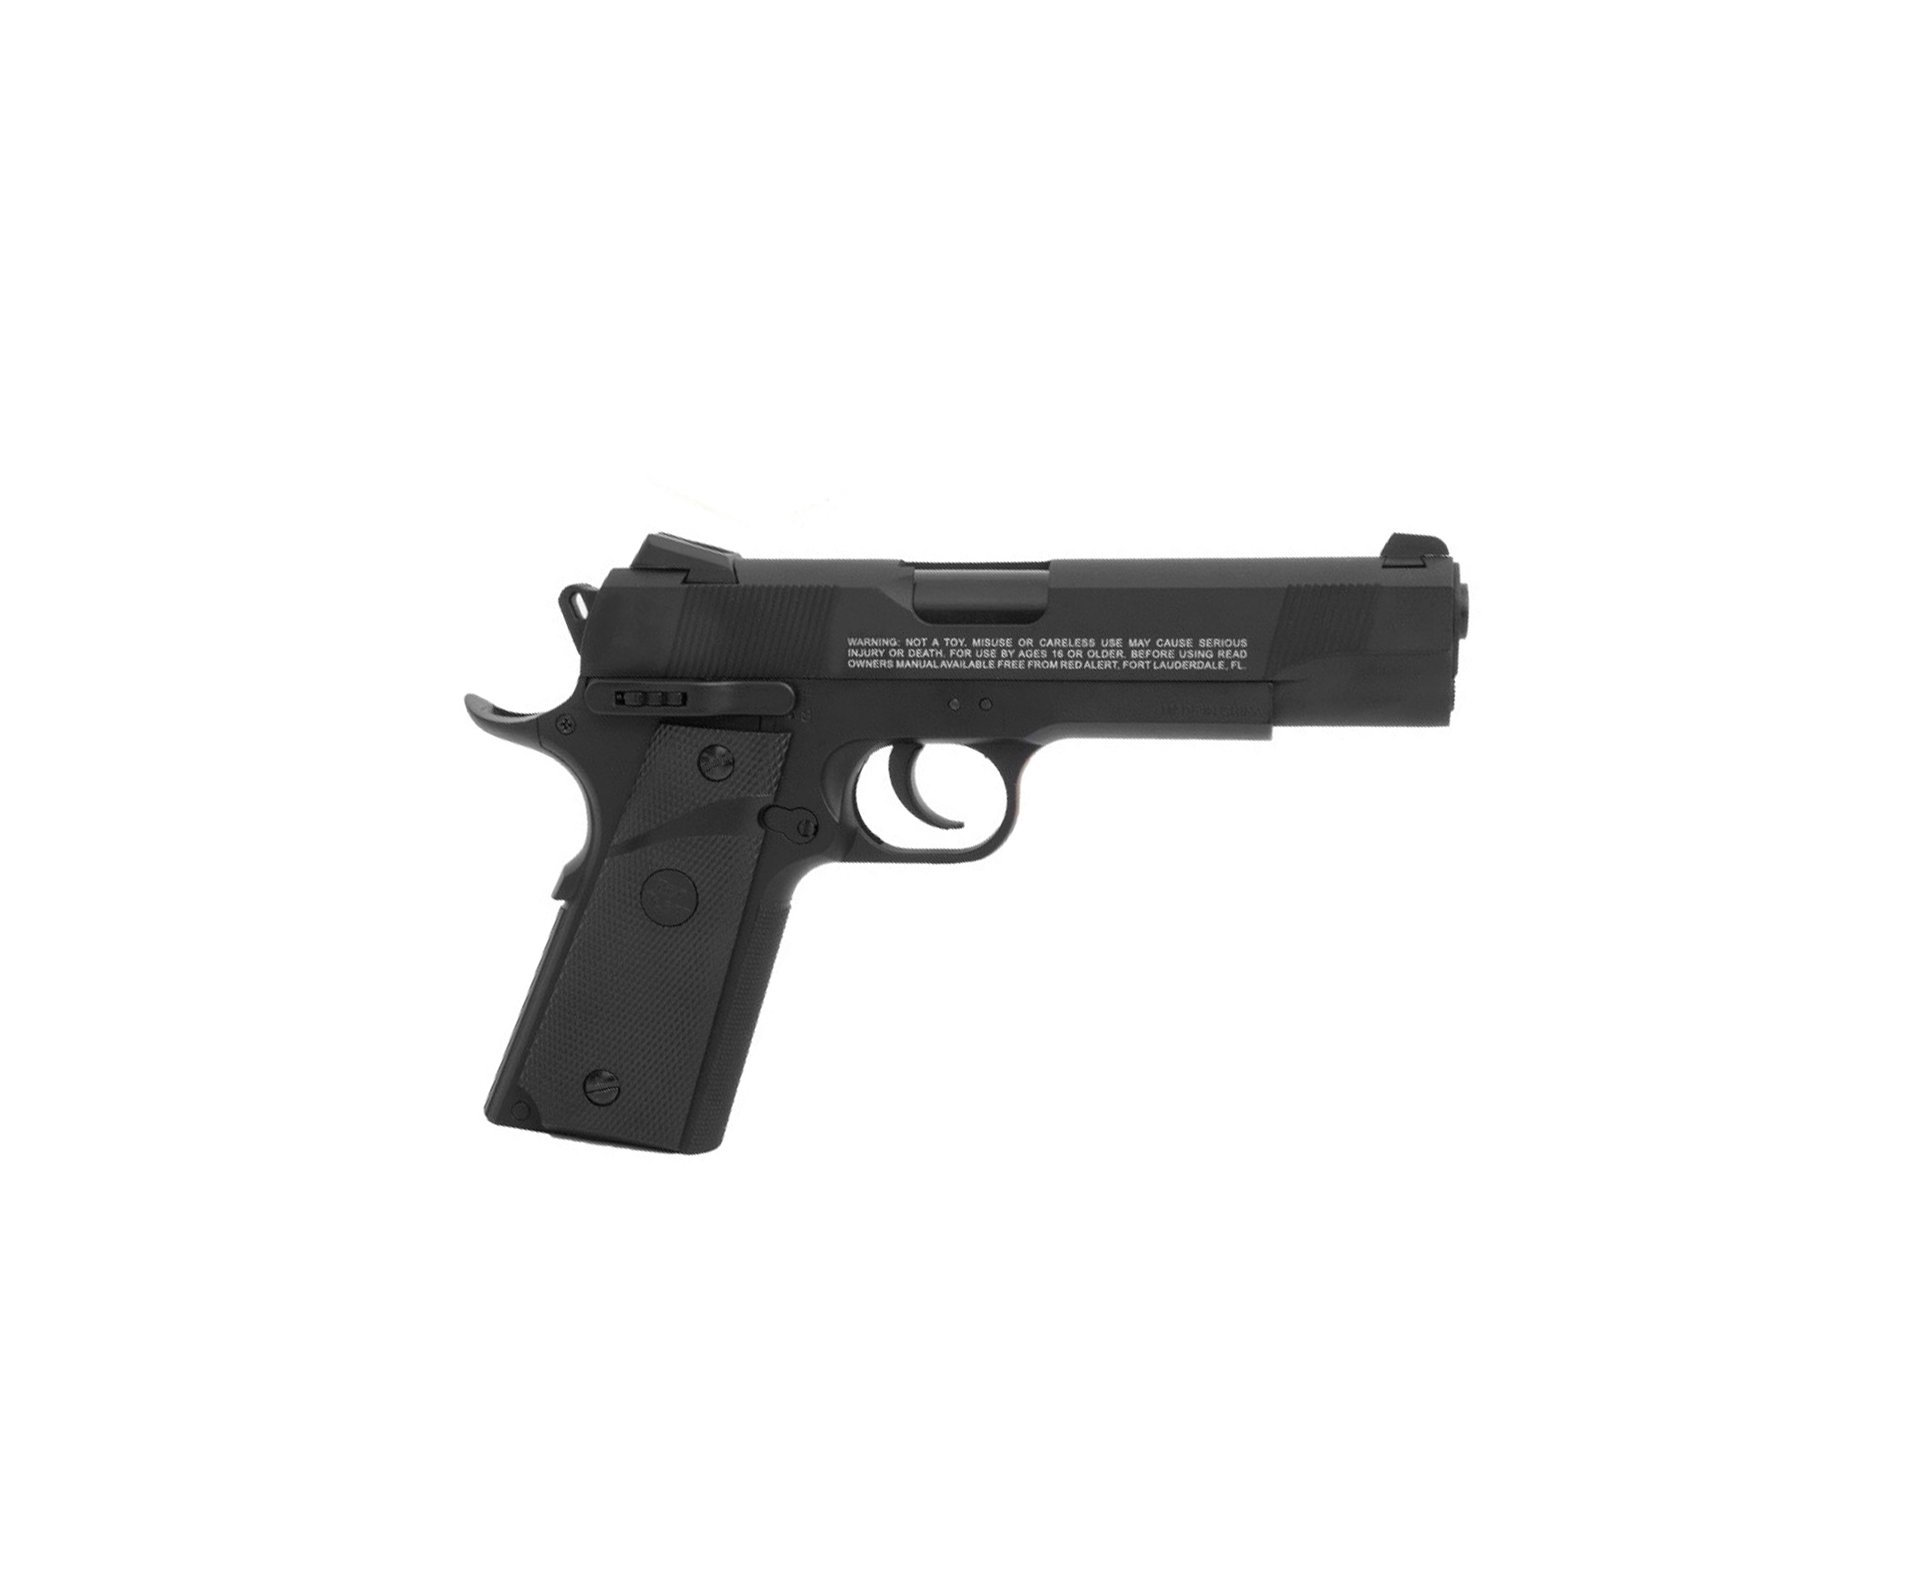 Pistola De Pressão A Gás Co2 Rd-1911 Blowback 4.5mm - Red Alert   Gamo